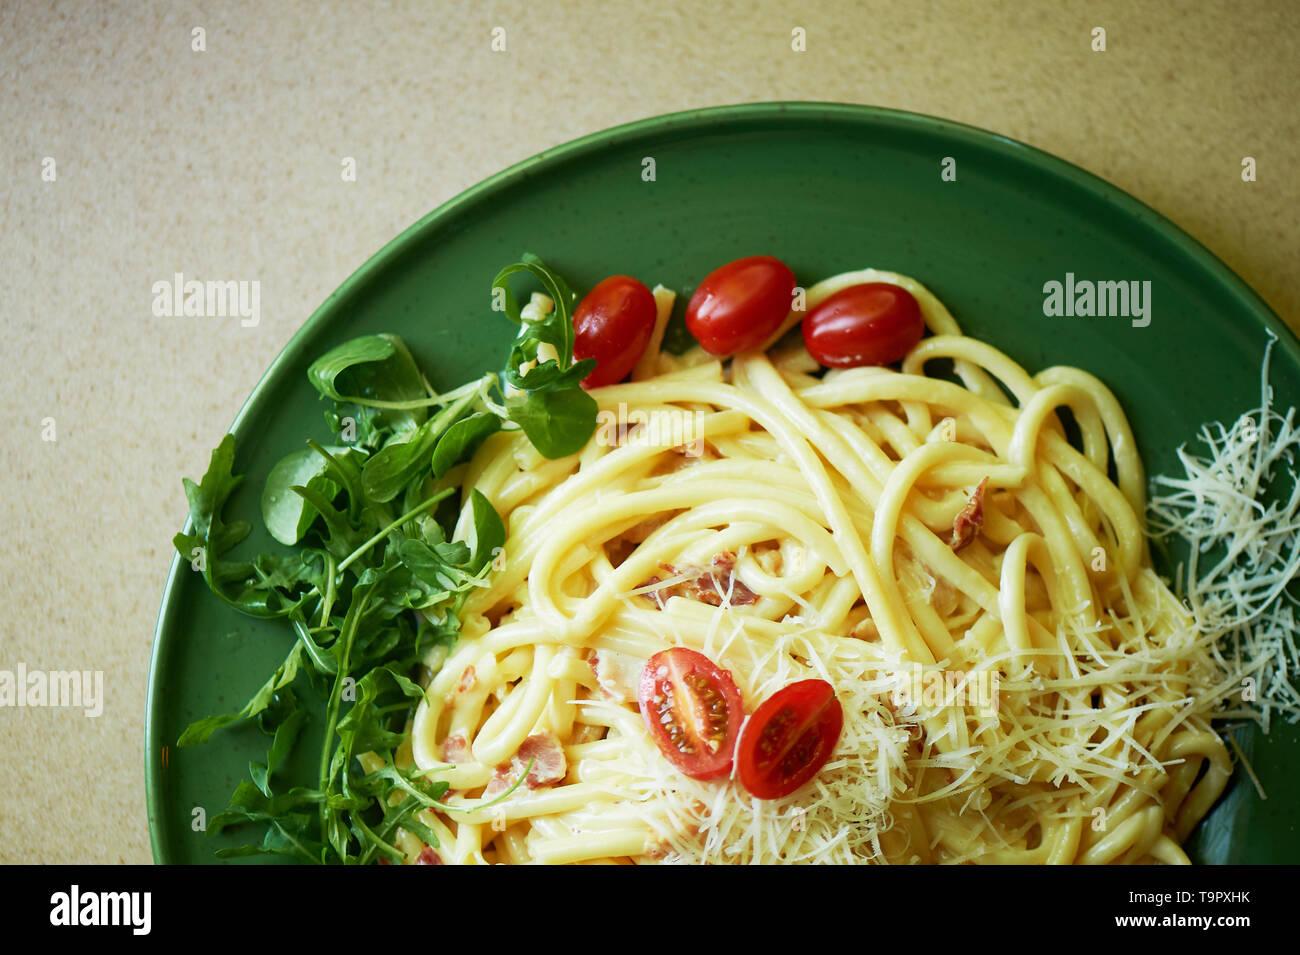 Pasta Carbonara mit geriebenem Parmesan und Cherry Tomaten, dekoriert mit Rucola. Italienisches Mittagessen. Stockbild